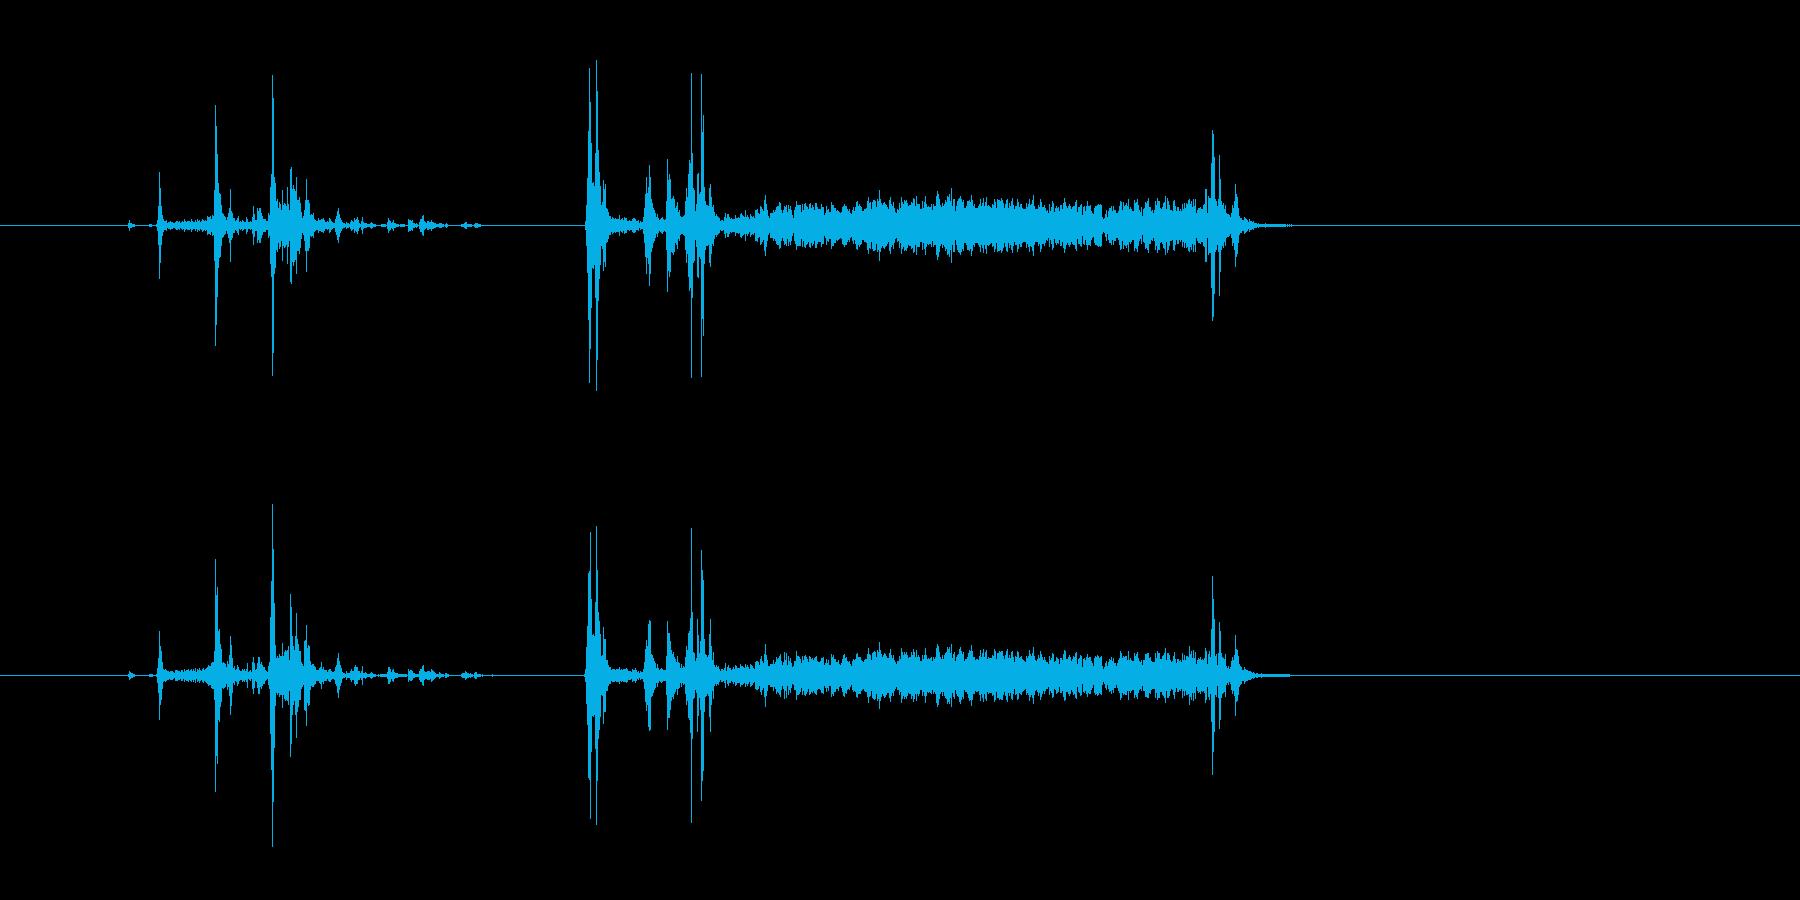 フィルムカメラ シャッター音の再生済みの波形